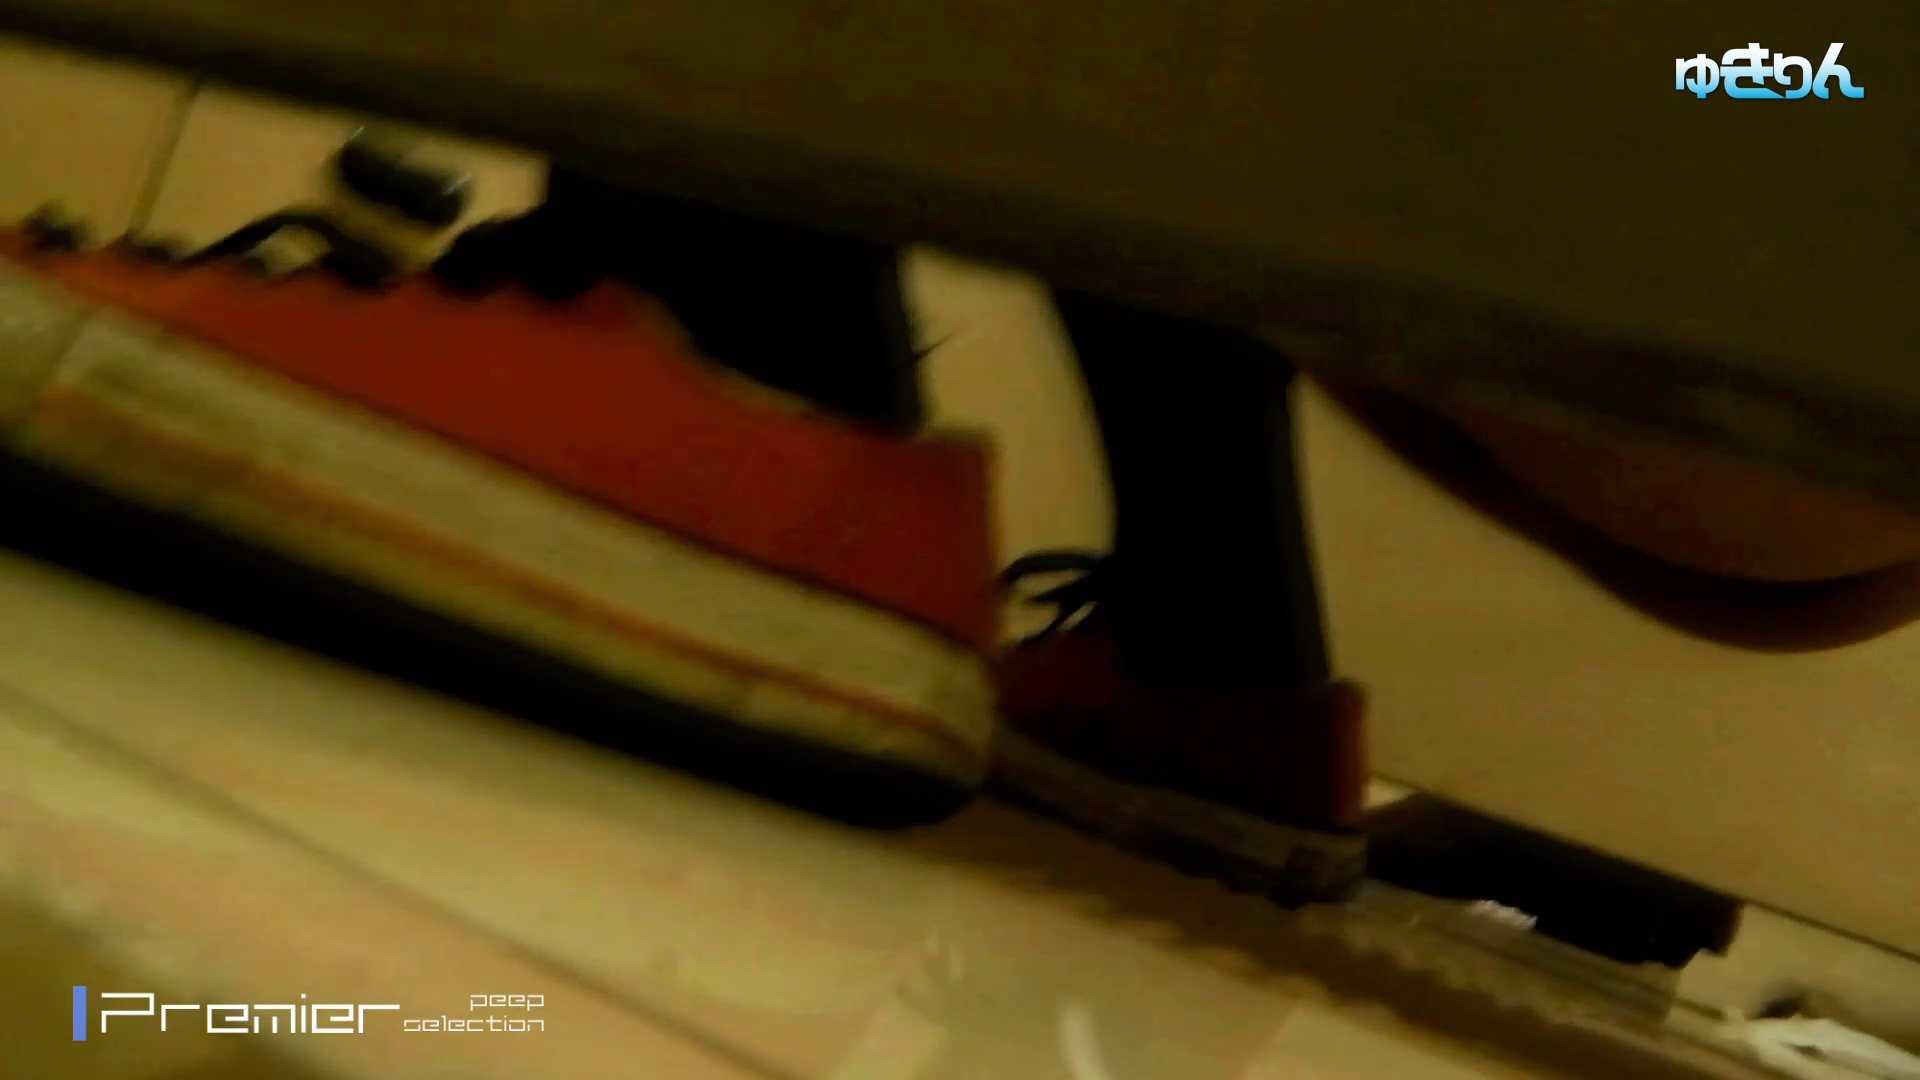 新世界の射窓 No98 キターッ特別に可愛い子の為、外まで粘着追い撮り!! 洗面所 | 0  51pic 45